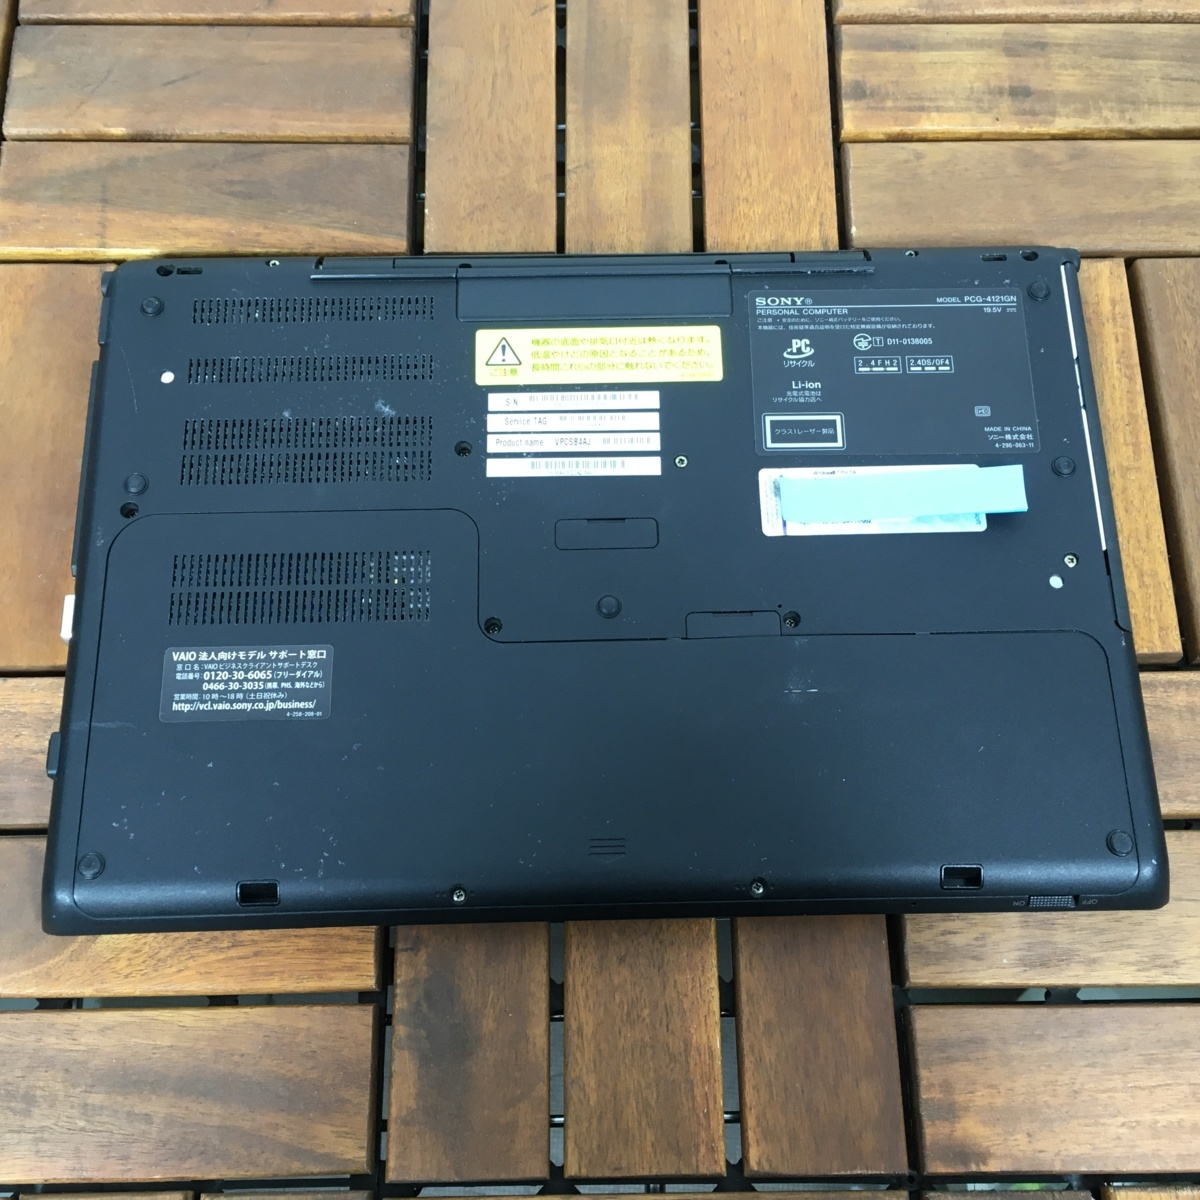 1円~【グラボ搭載】Windows10/Webカメラ搭載!【SONY ソニー/VAIO PCG-4121GN】Core i3-2350M/メモリ4GB/HDD320GB【ジャンク】_画像6